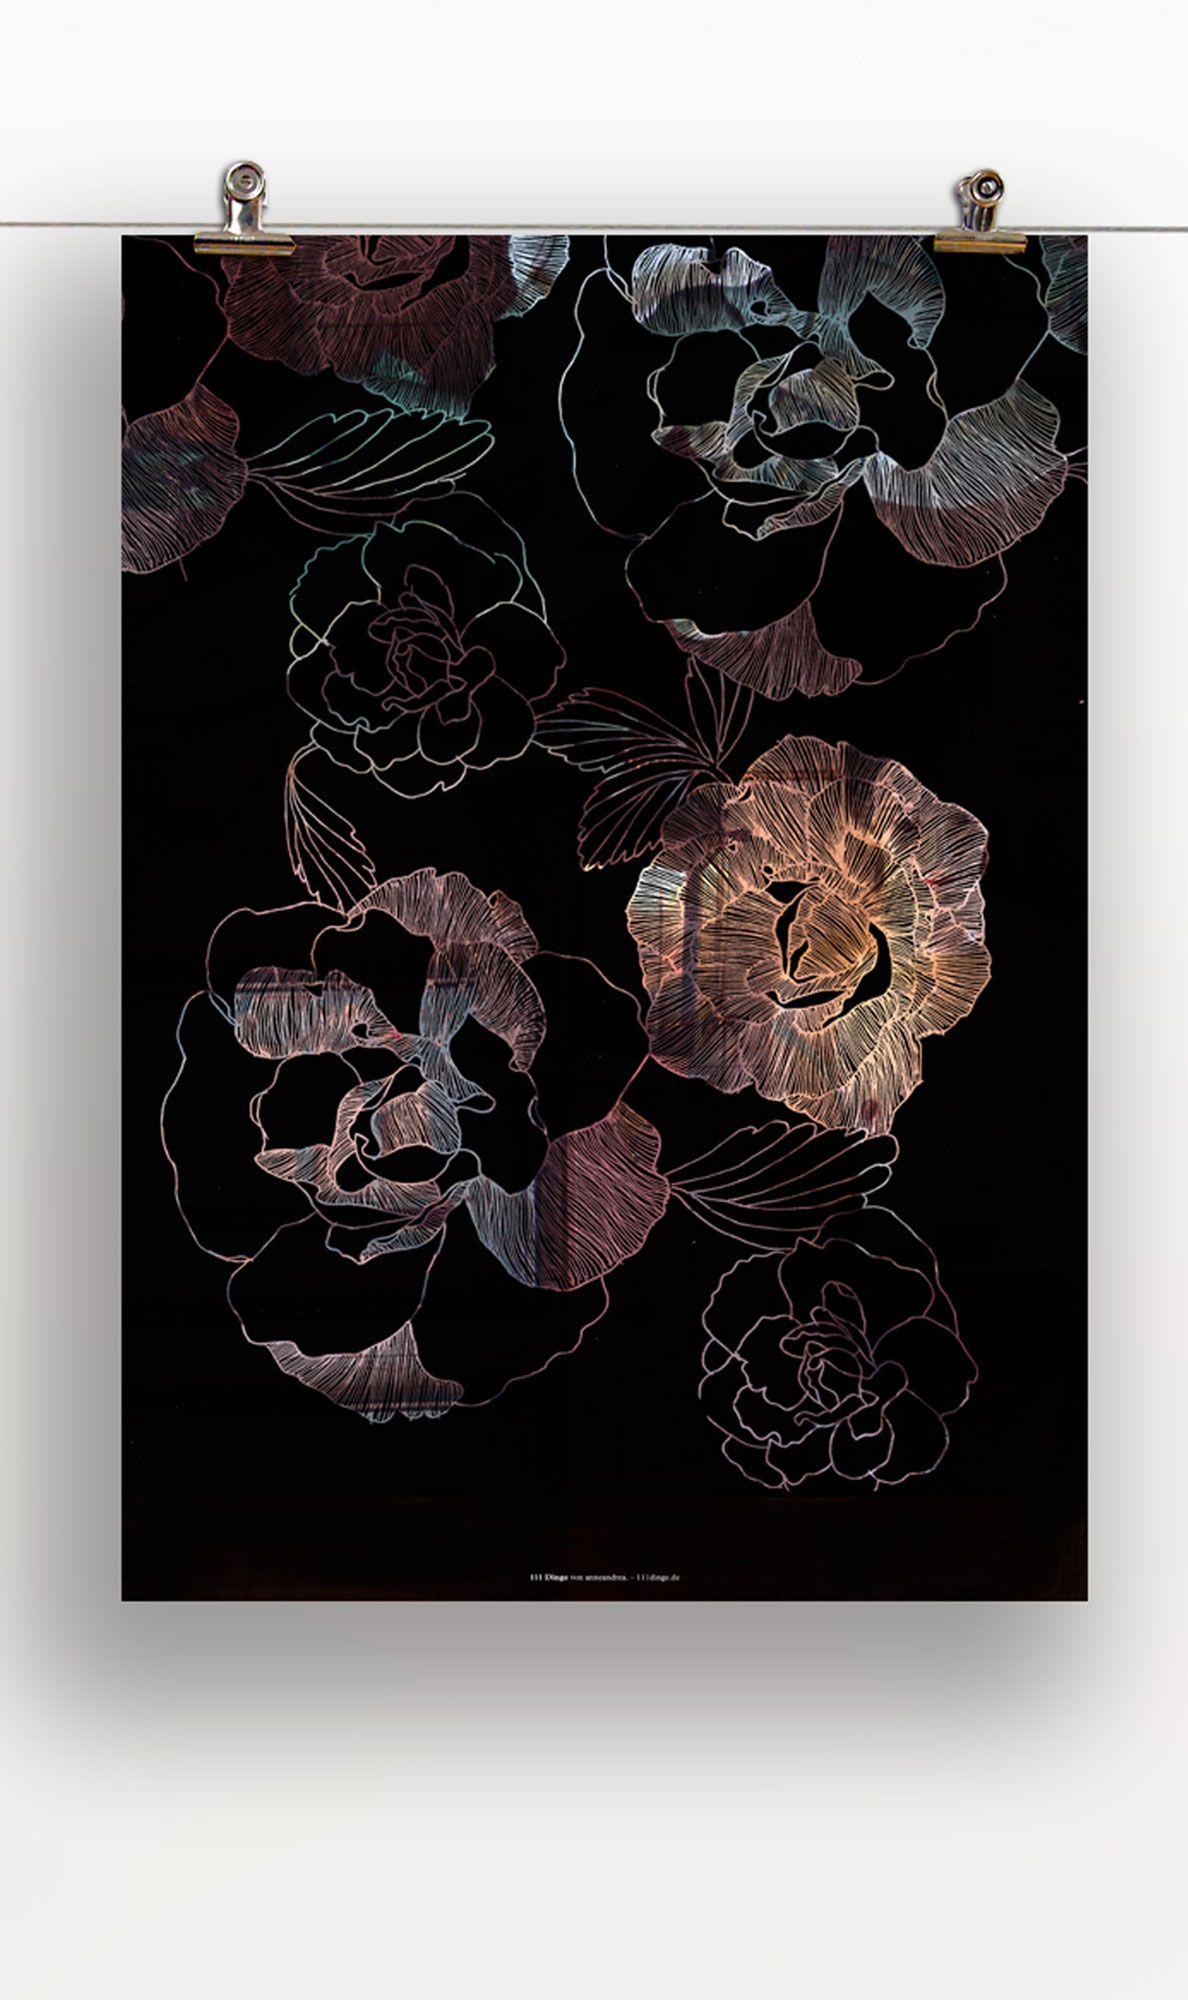 Blumen für eine gute Stimmung im Raum oder zum Verschenken :) http://www.111dinge.de/designposter/wandbild-designposter-blumen/